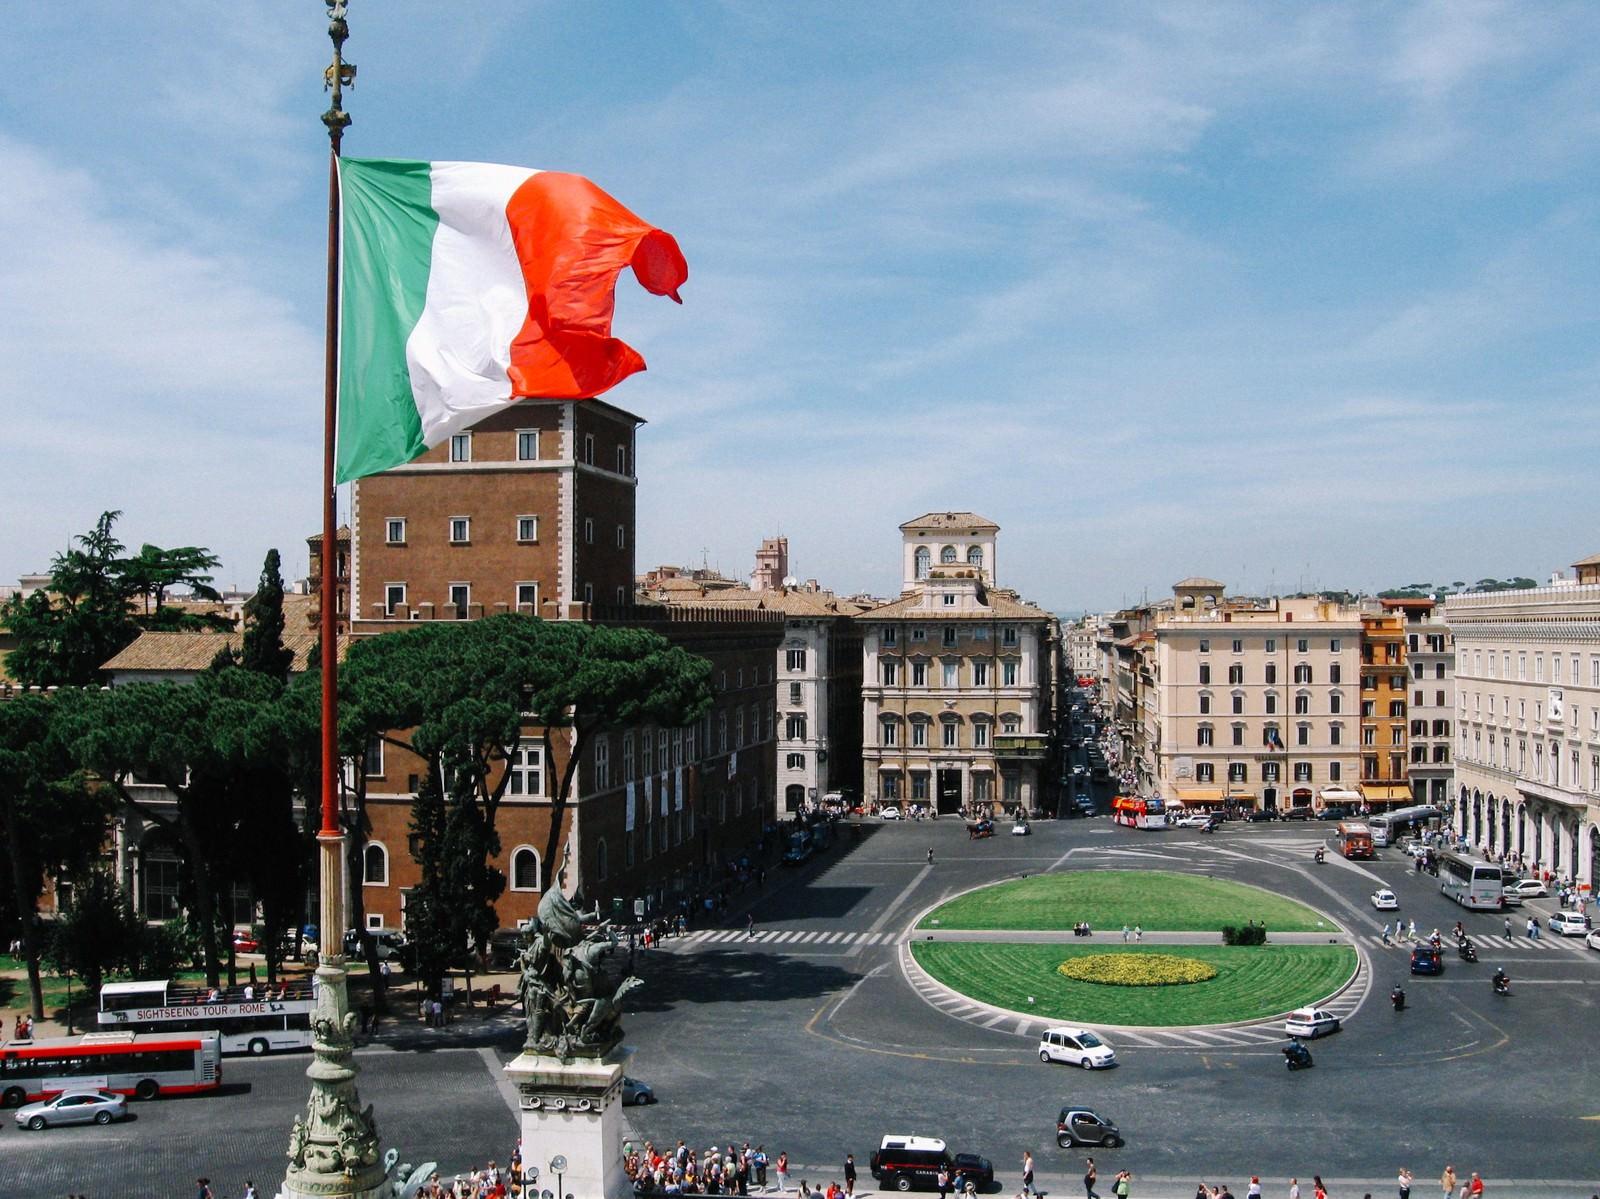 「ローマの街並みと国旗(イタリア)」の写真